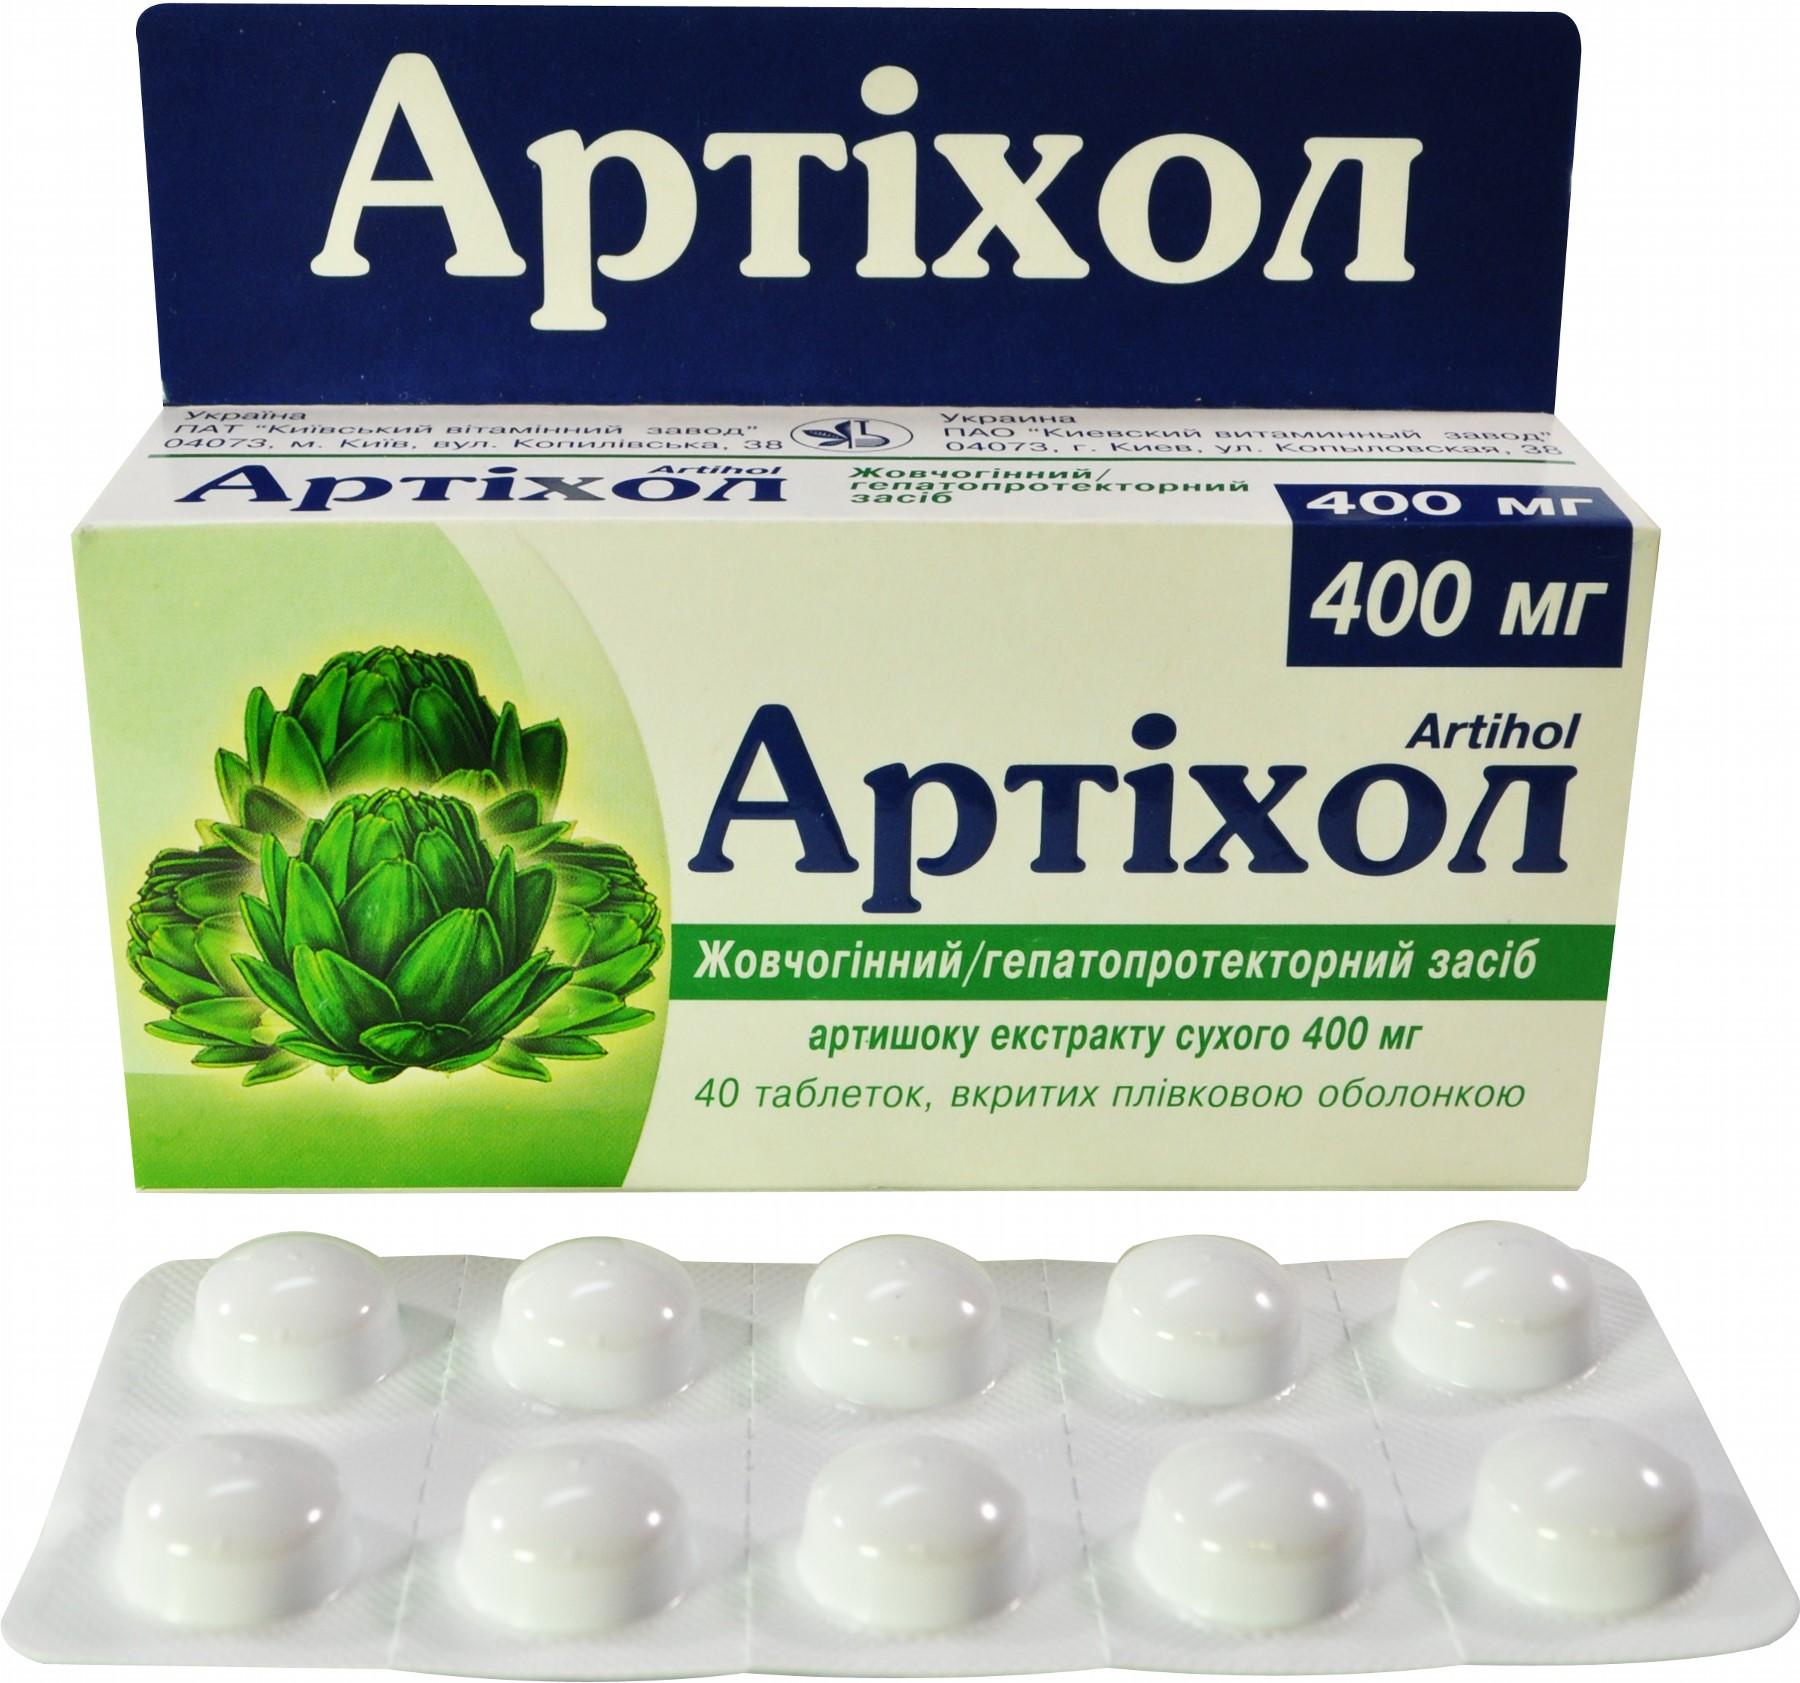 Артихол – как принимать таблетки, отзывы, аналоги